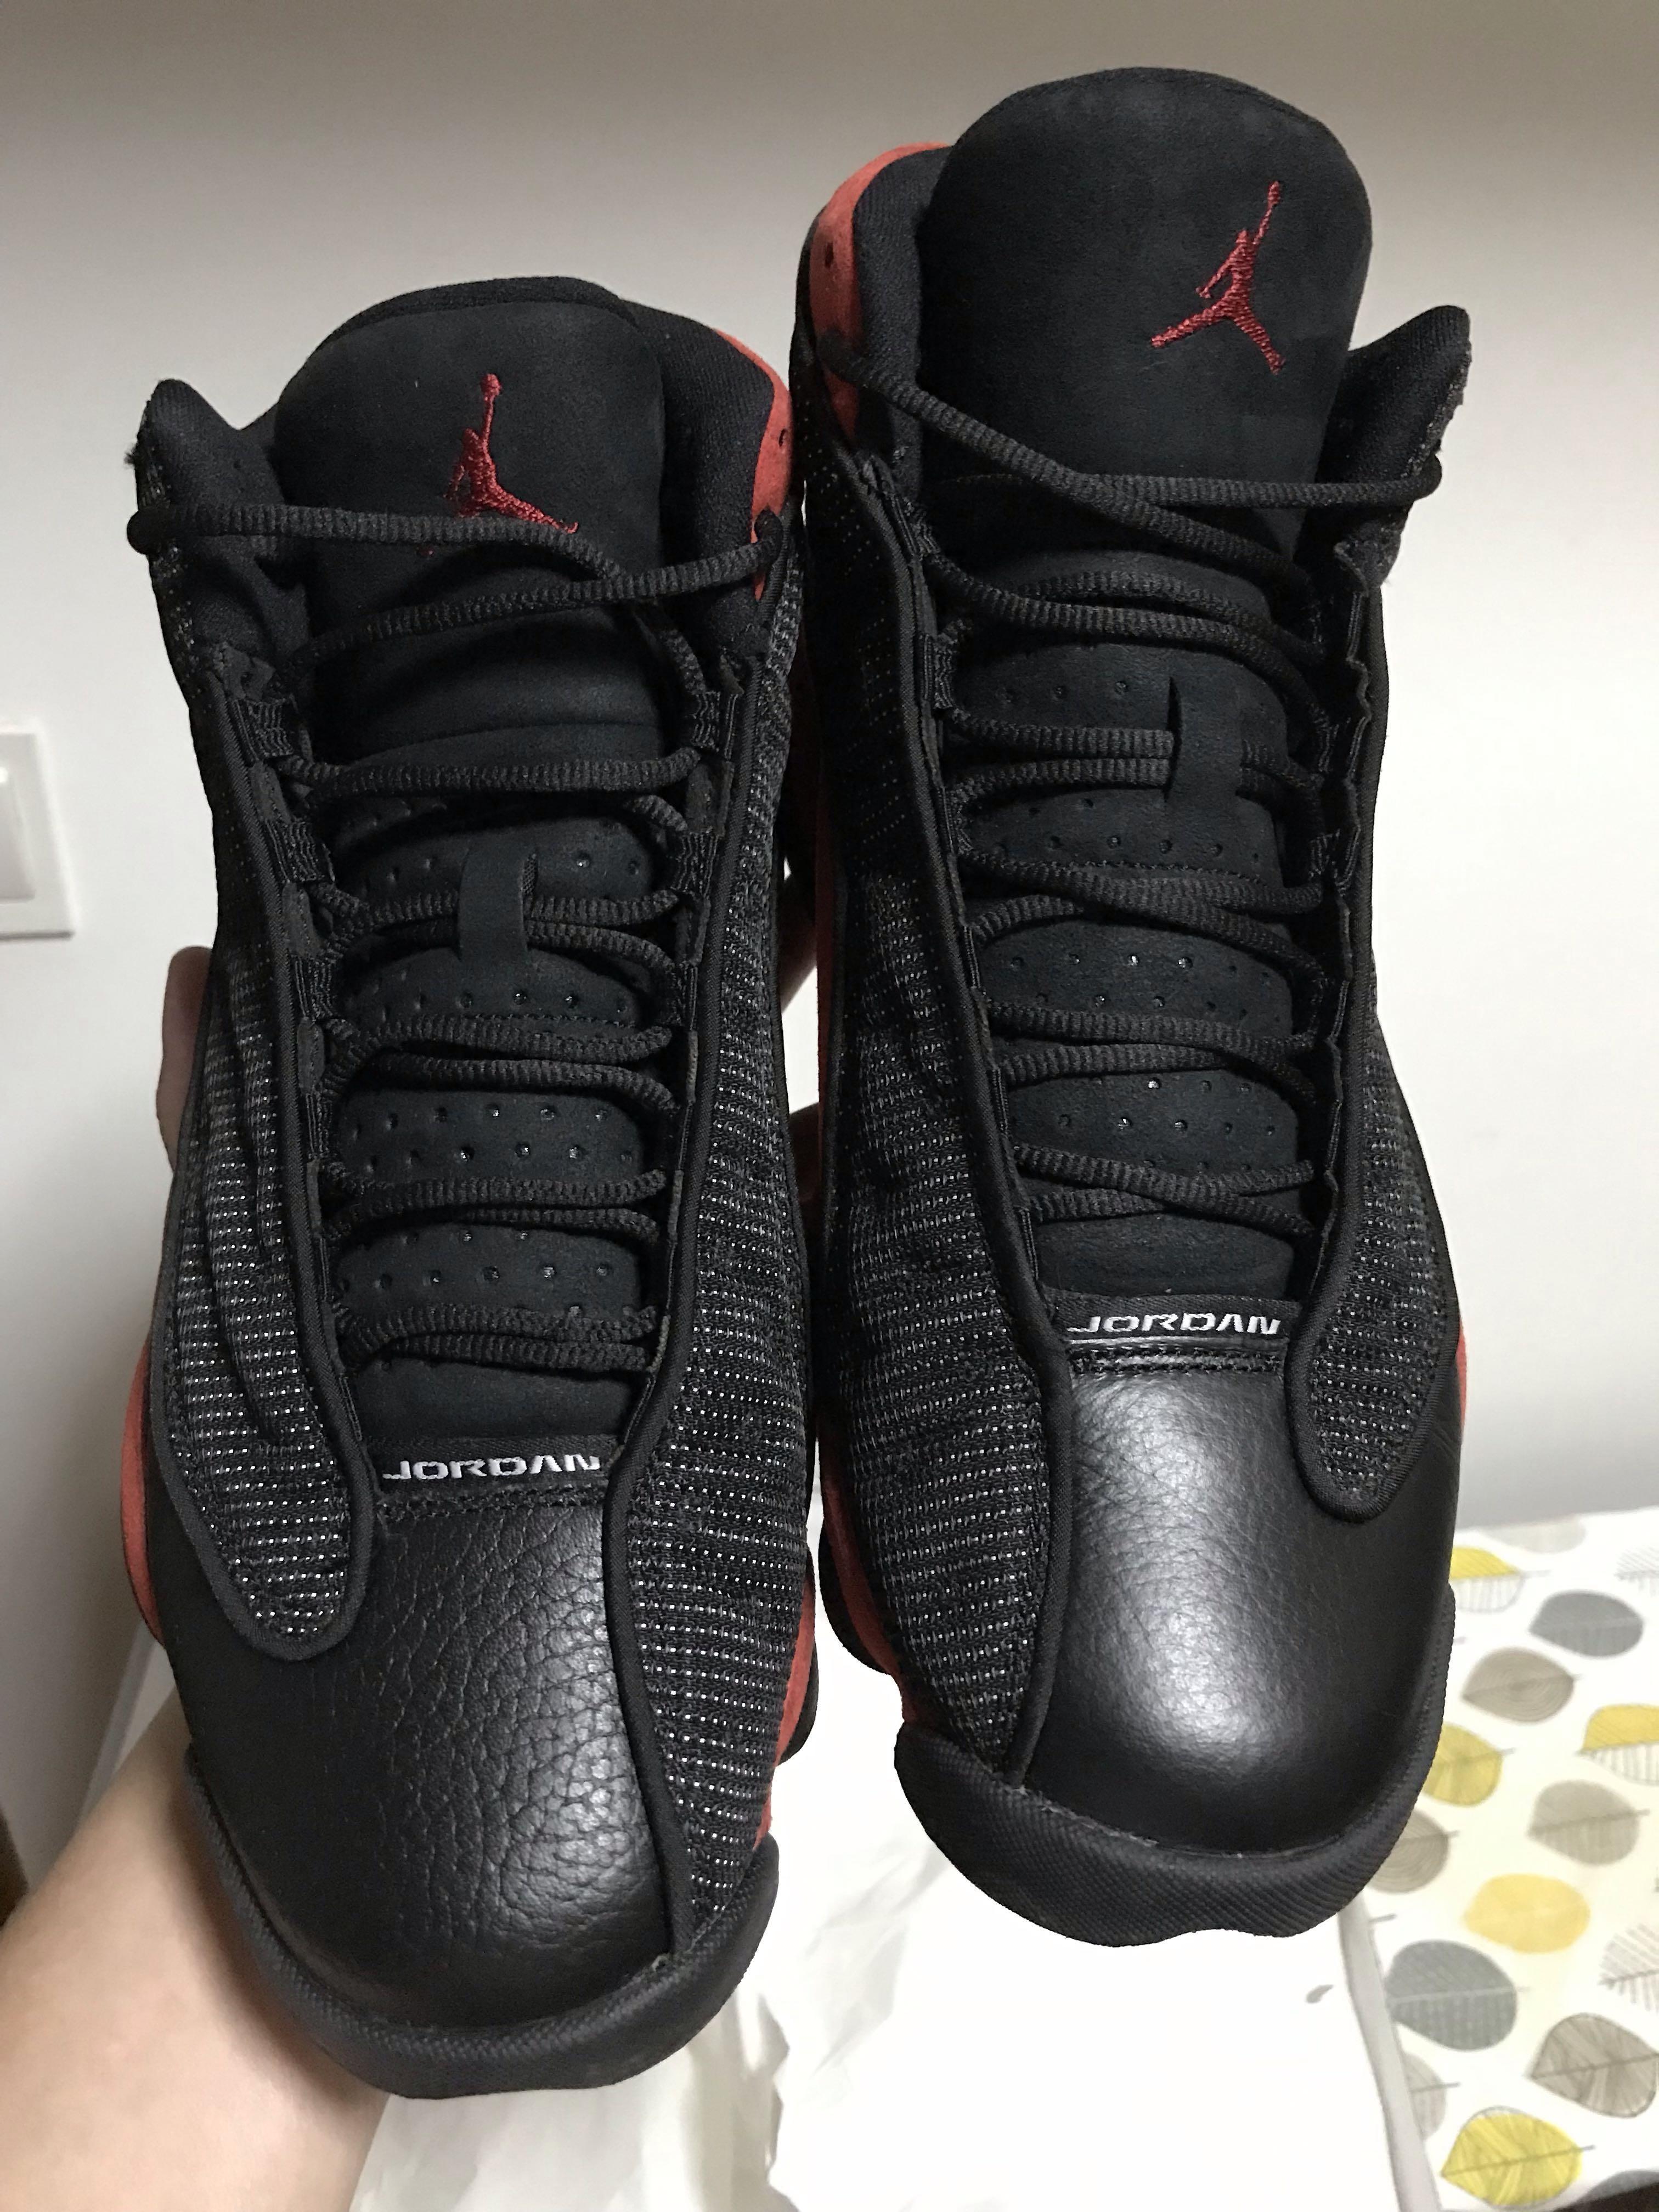 Air Jordan 13 Bred size US10.5, Men's